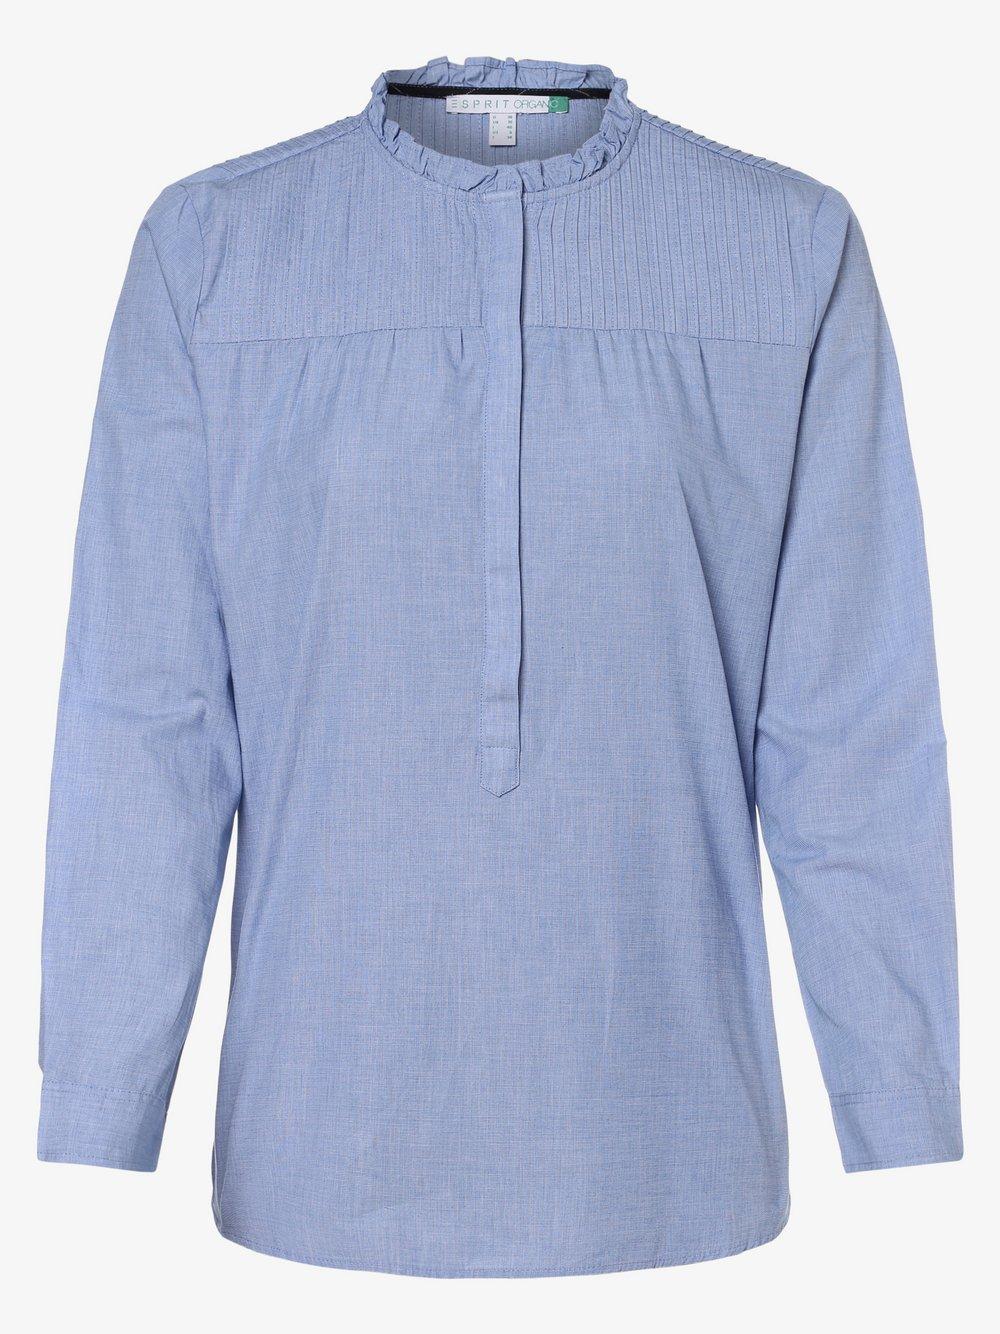 Esprit Casual – Bluzka damska, niebieski Van Graaf 457206-0001